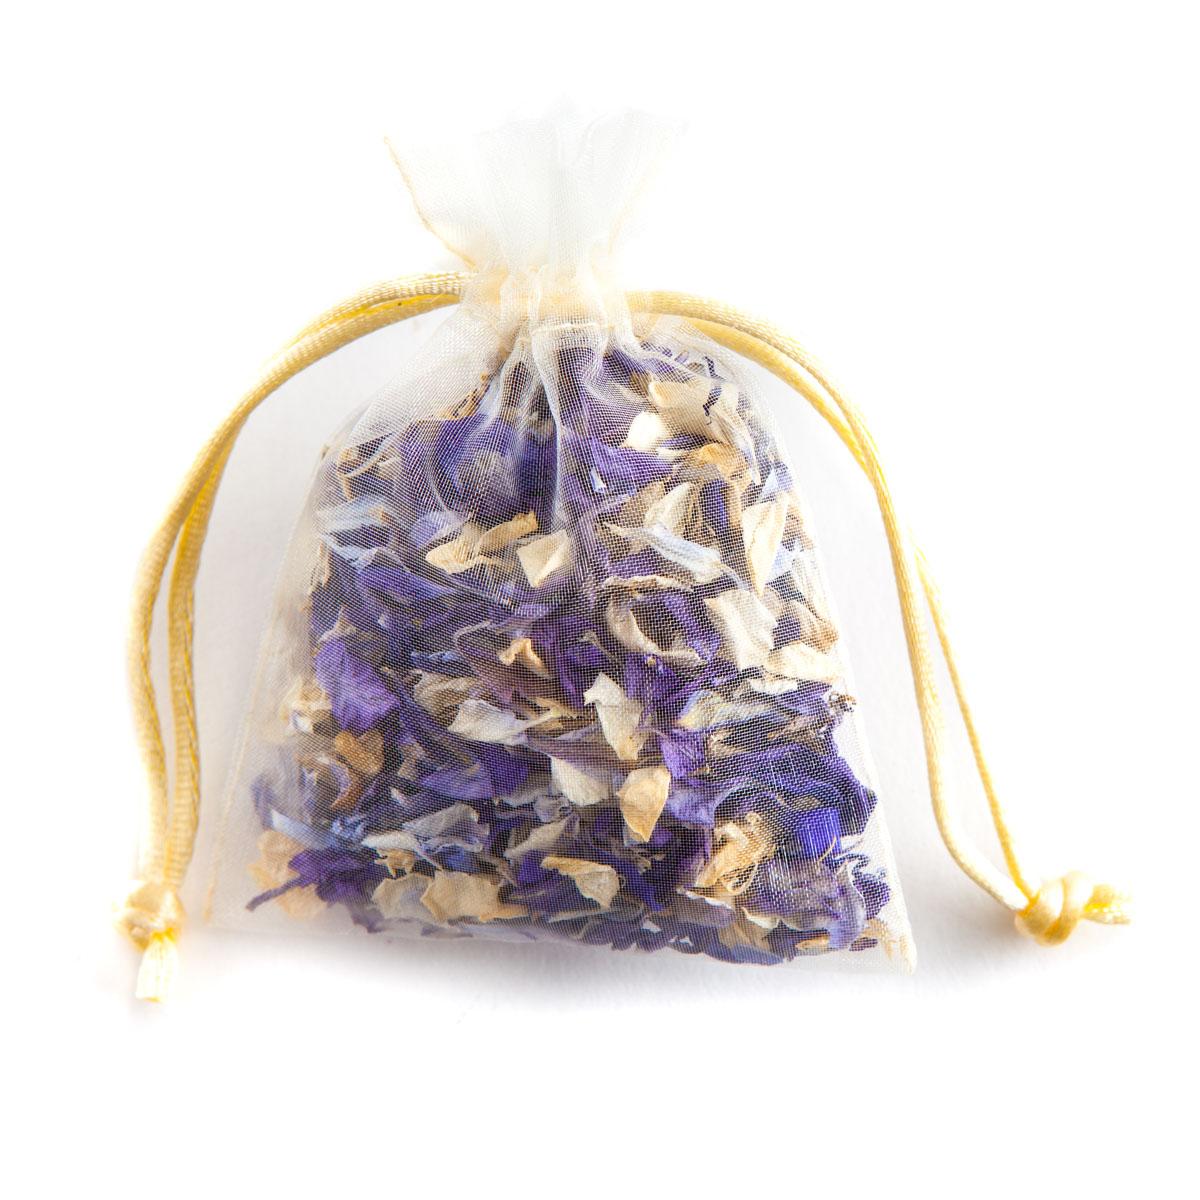 Biodegradable Confetti - Violet Mix Delphiniums - Petal Bag